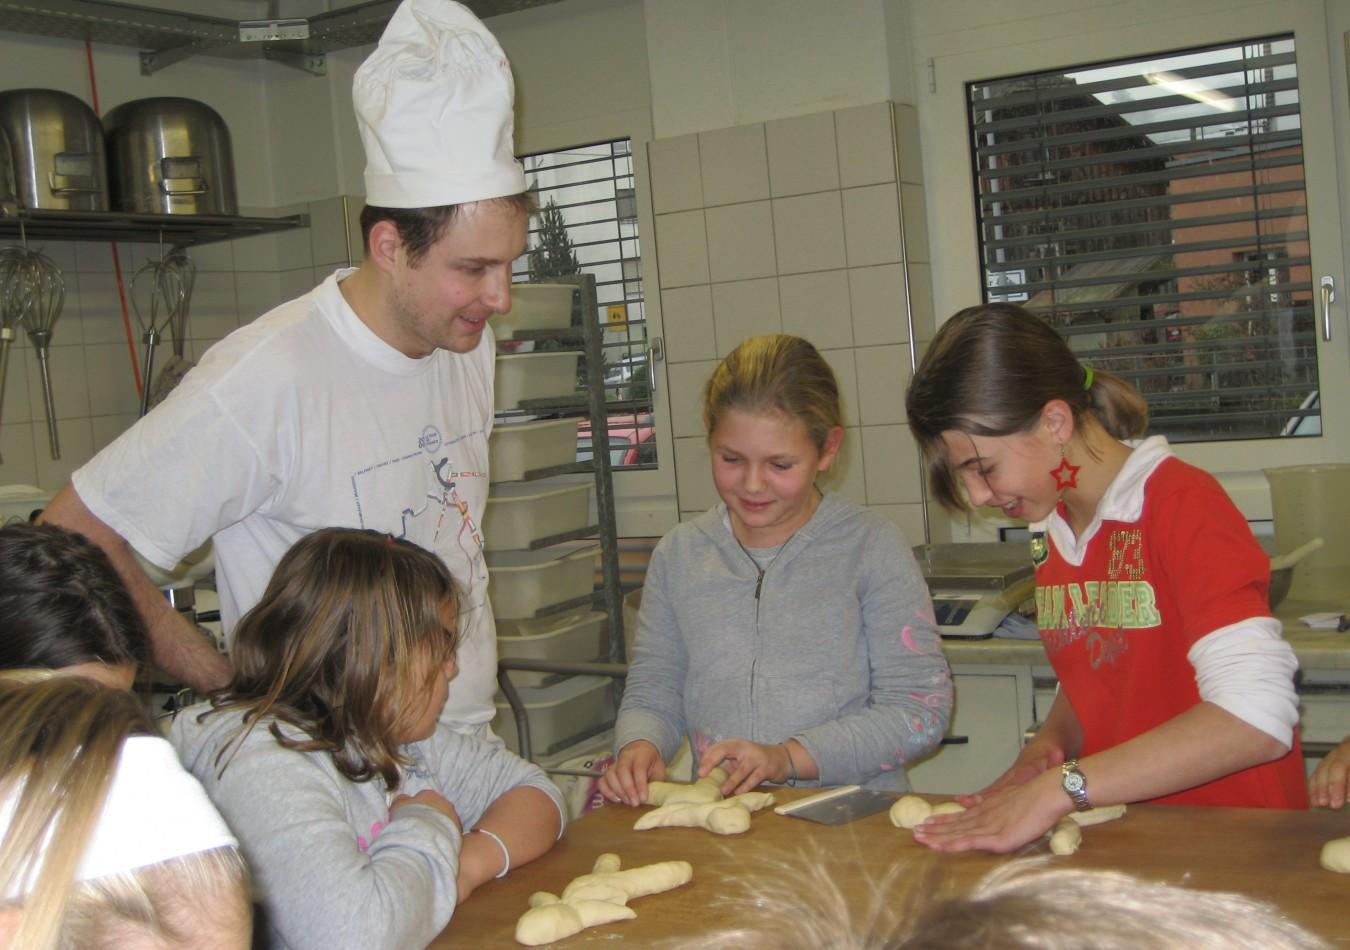 Vom 28. April bis 2. Mai <br>Schüler backen mit dem Bäckermeister, backen macht Spass!